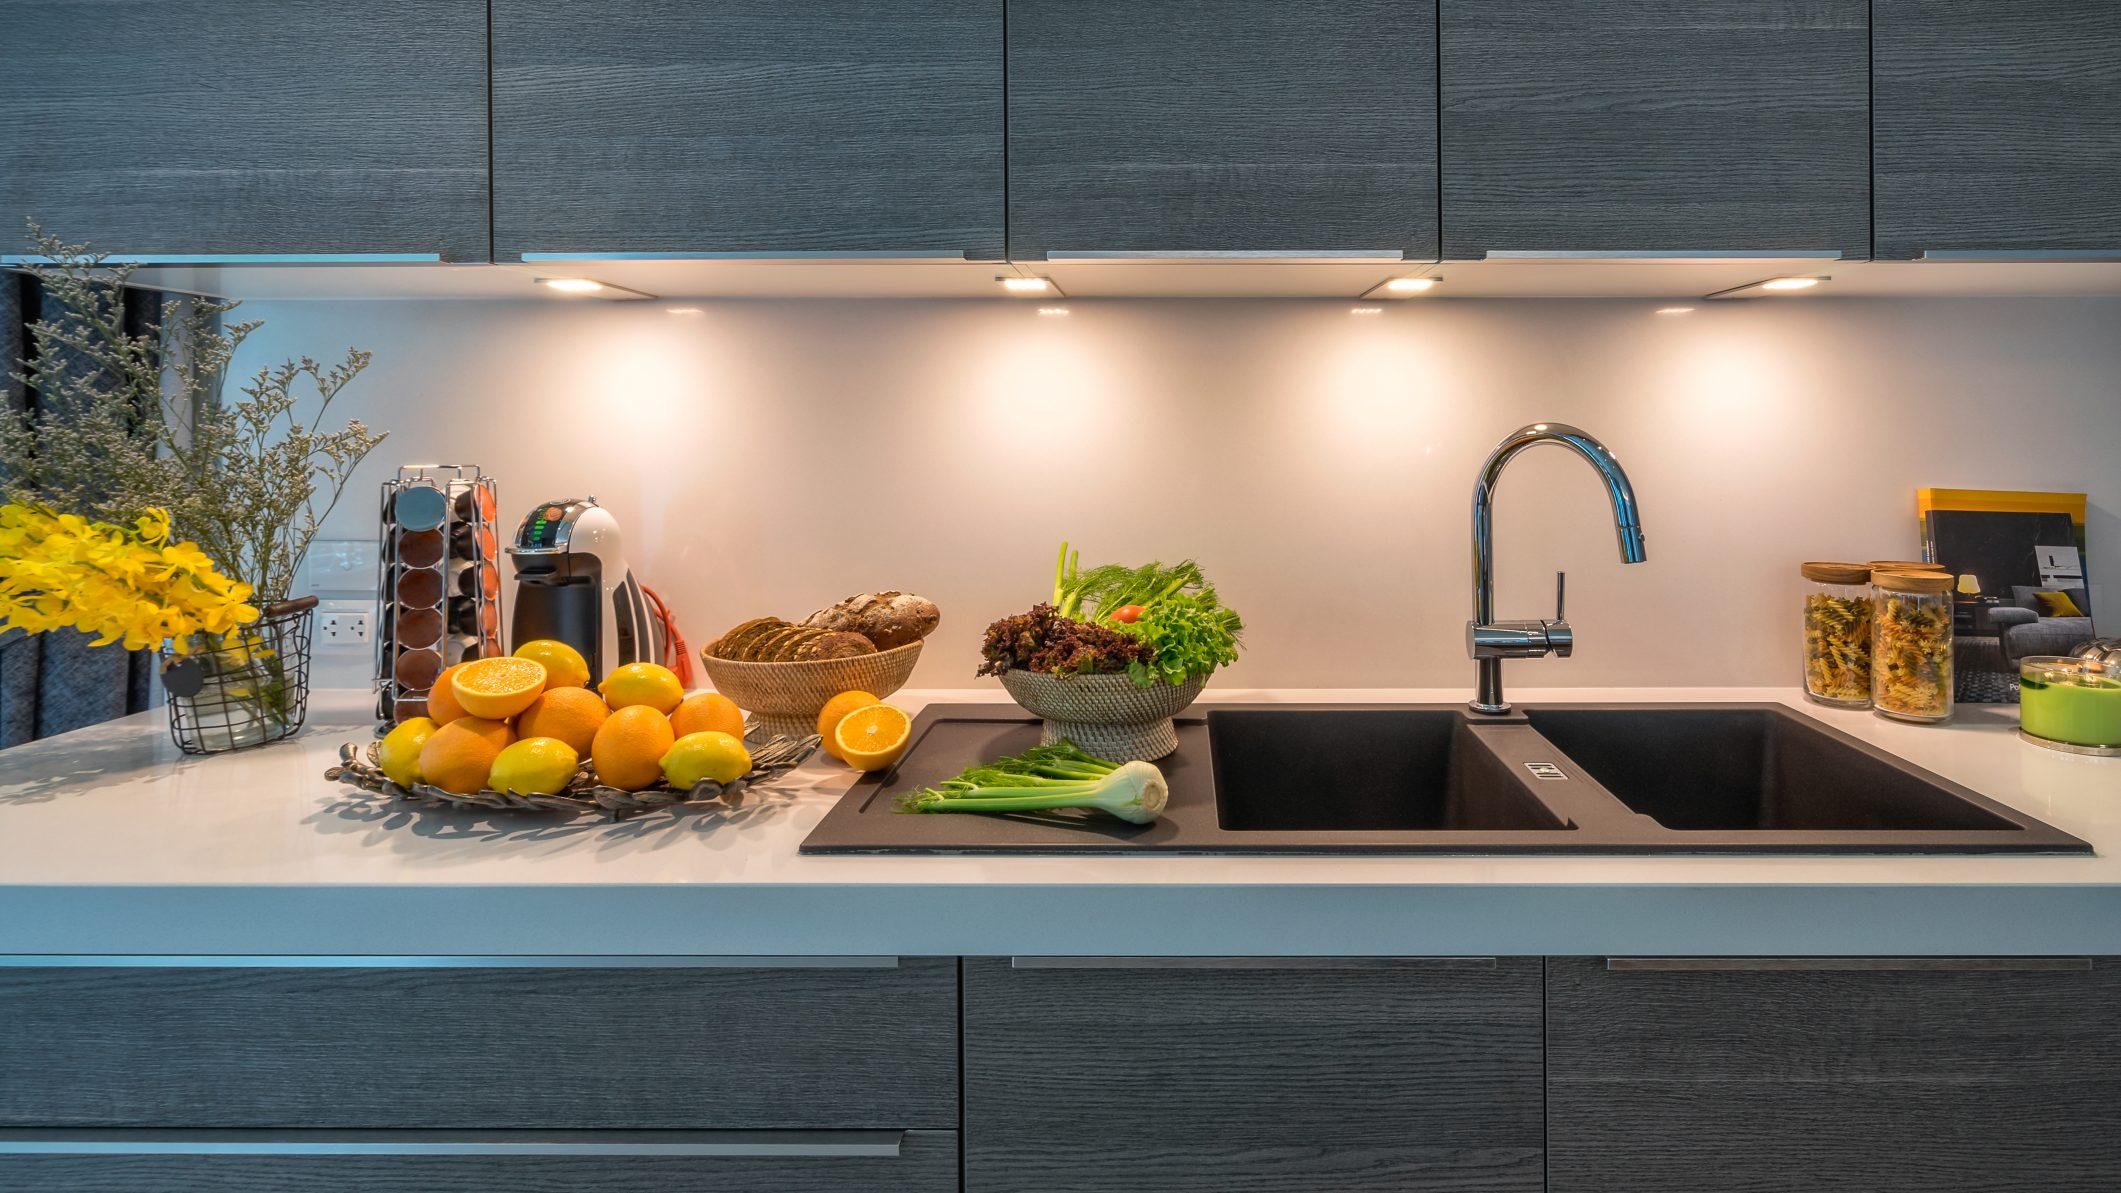 desain lampu untuk wastafel dapur minimalis